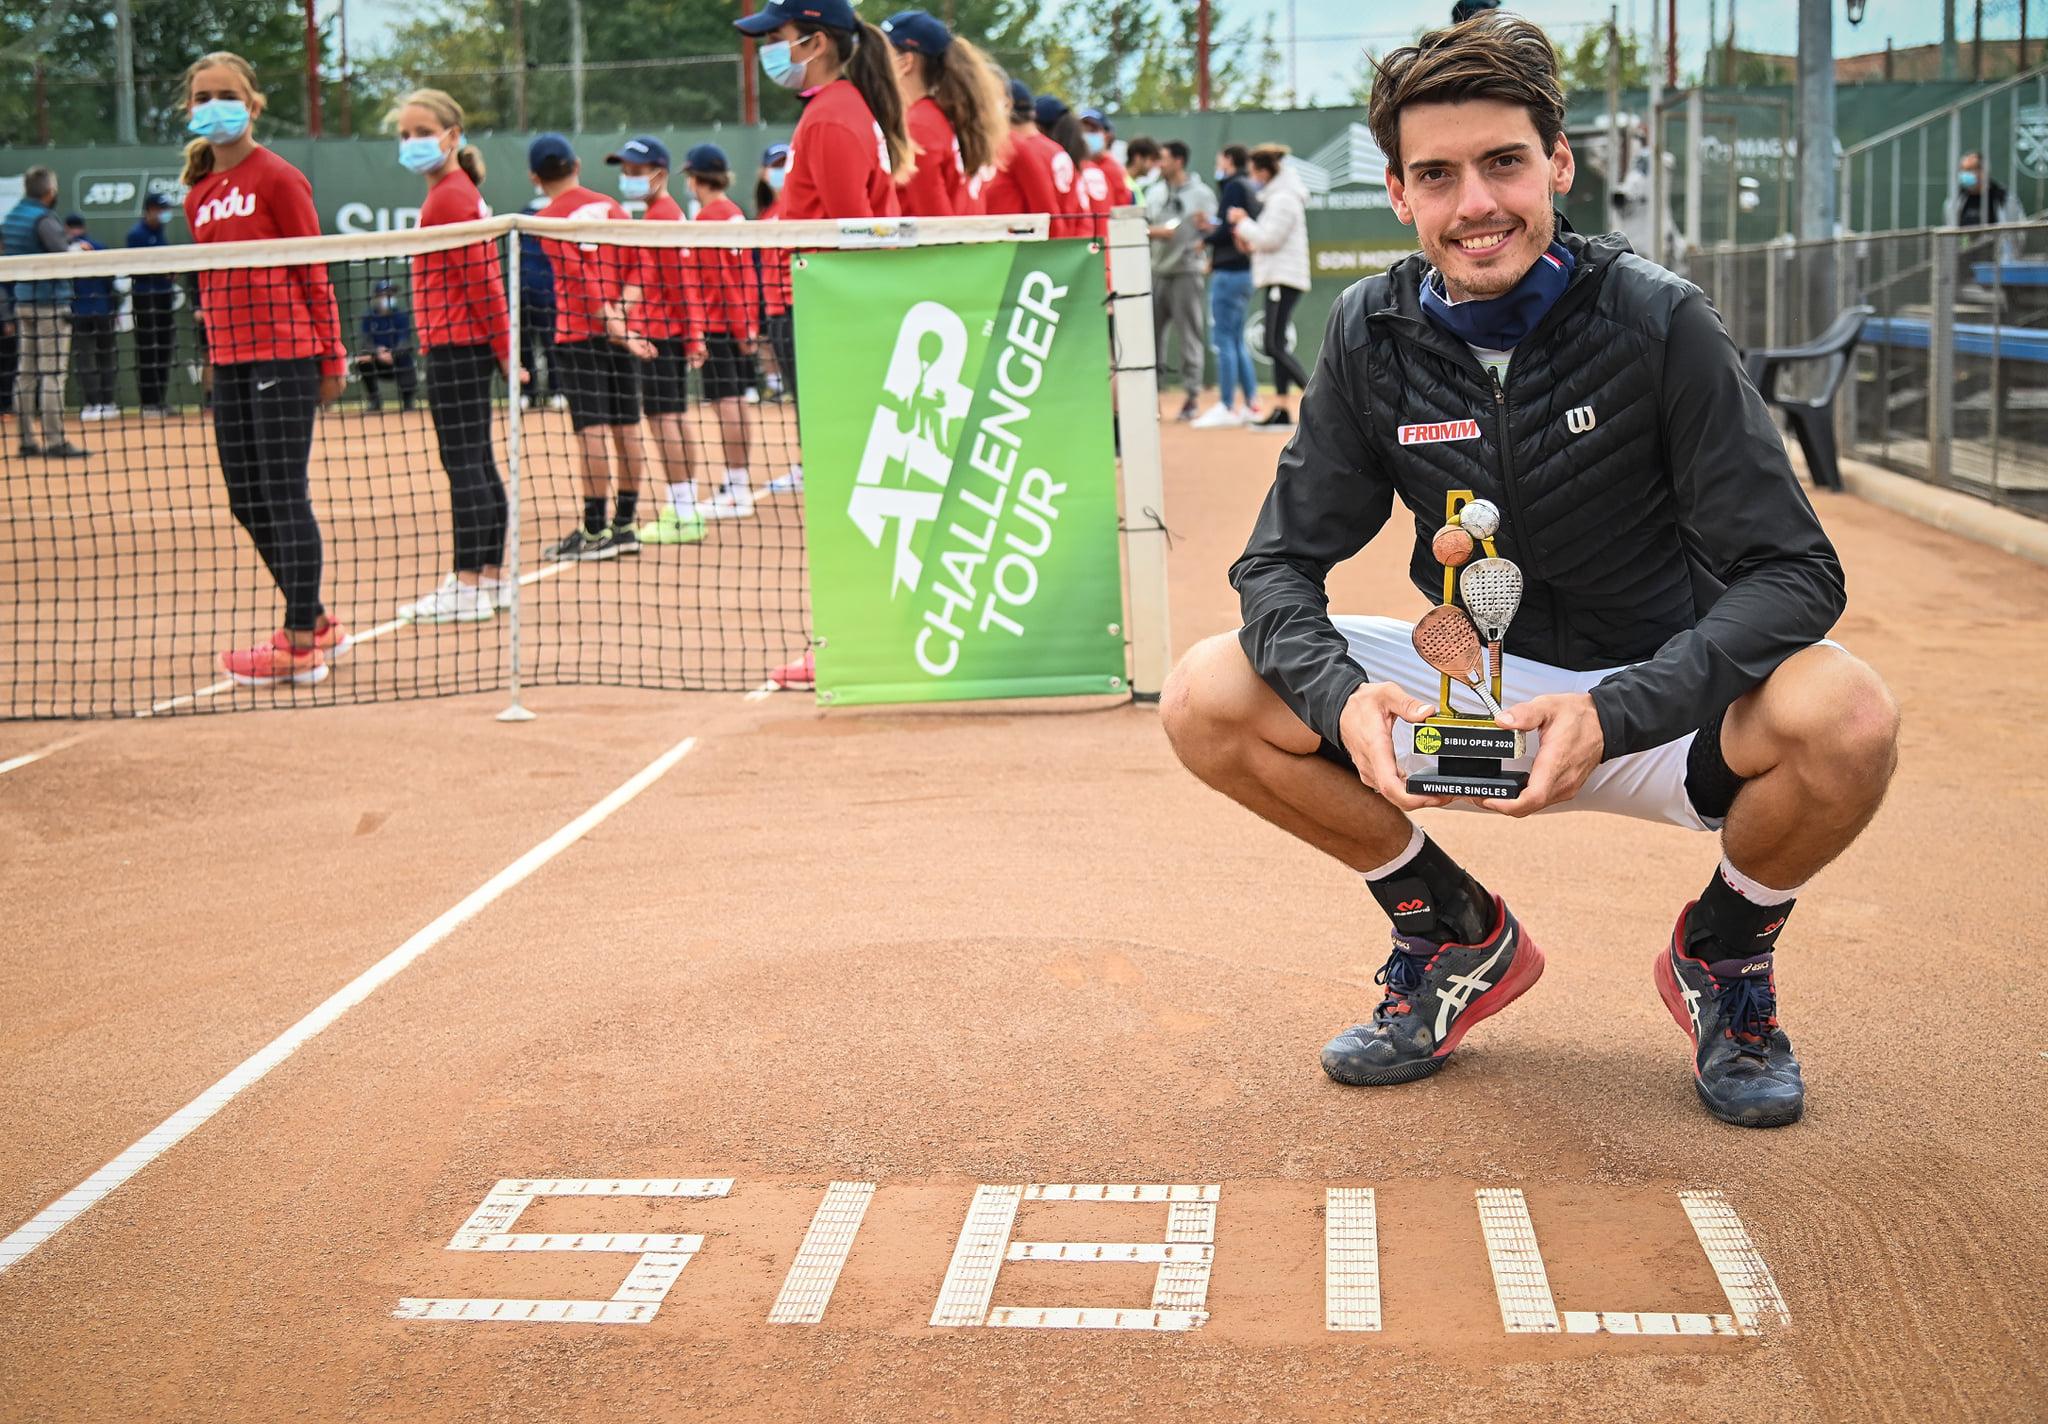 O nouă ediție a turneului de tenis Sibiu Open începe astăzi